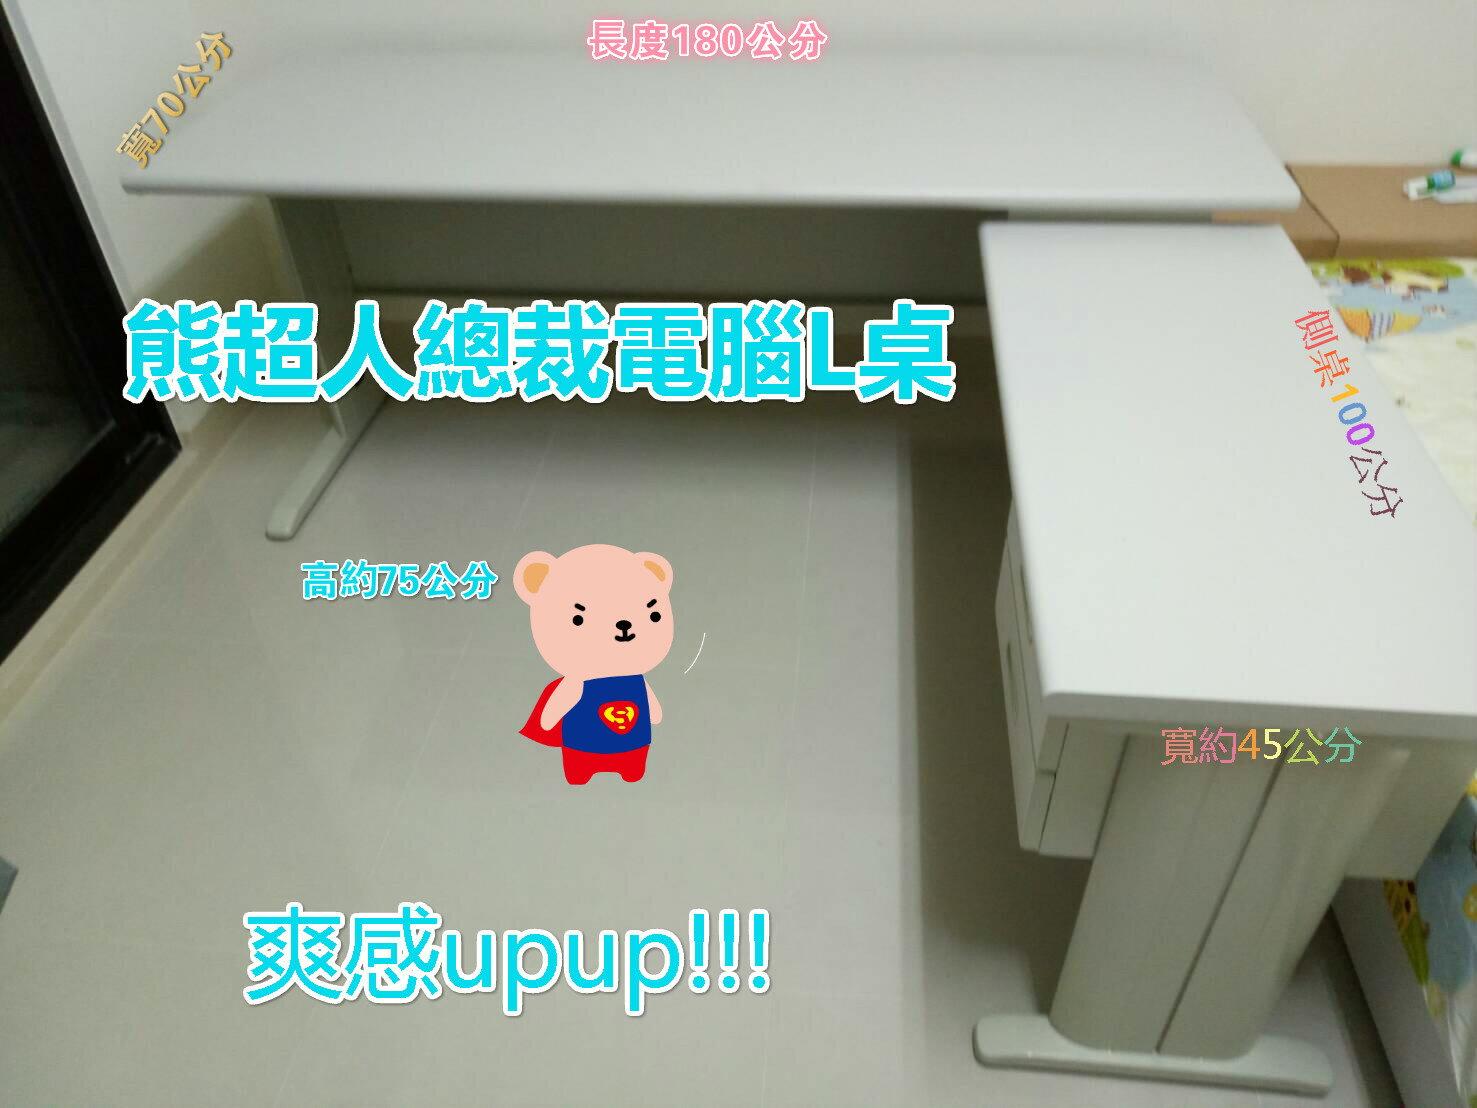 ❤含發票❤電腦桌好壅擠?❤熊超人總裁電競電腦桌❤L桌OA辦公家具桌上型電腦筆記型電腦電競滑鼠電競周邊實況直播電競鍵盤